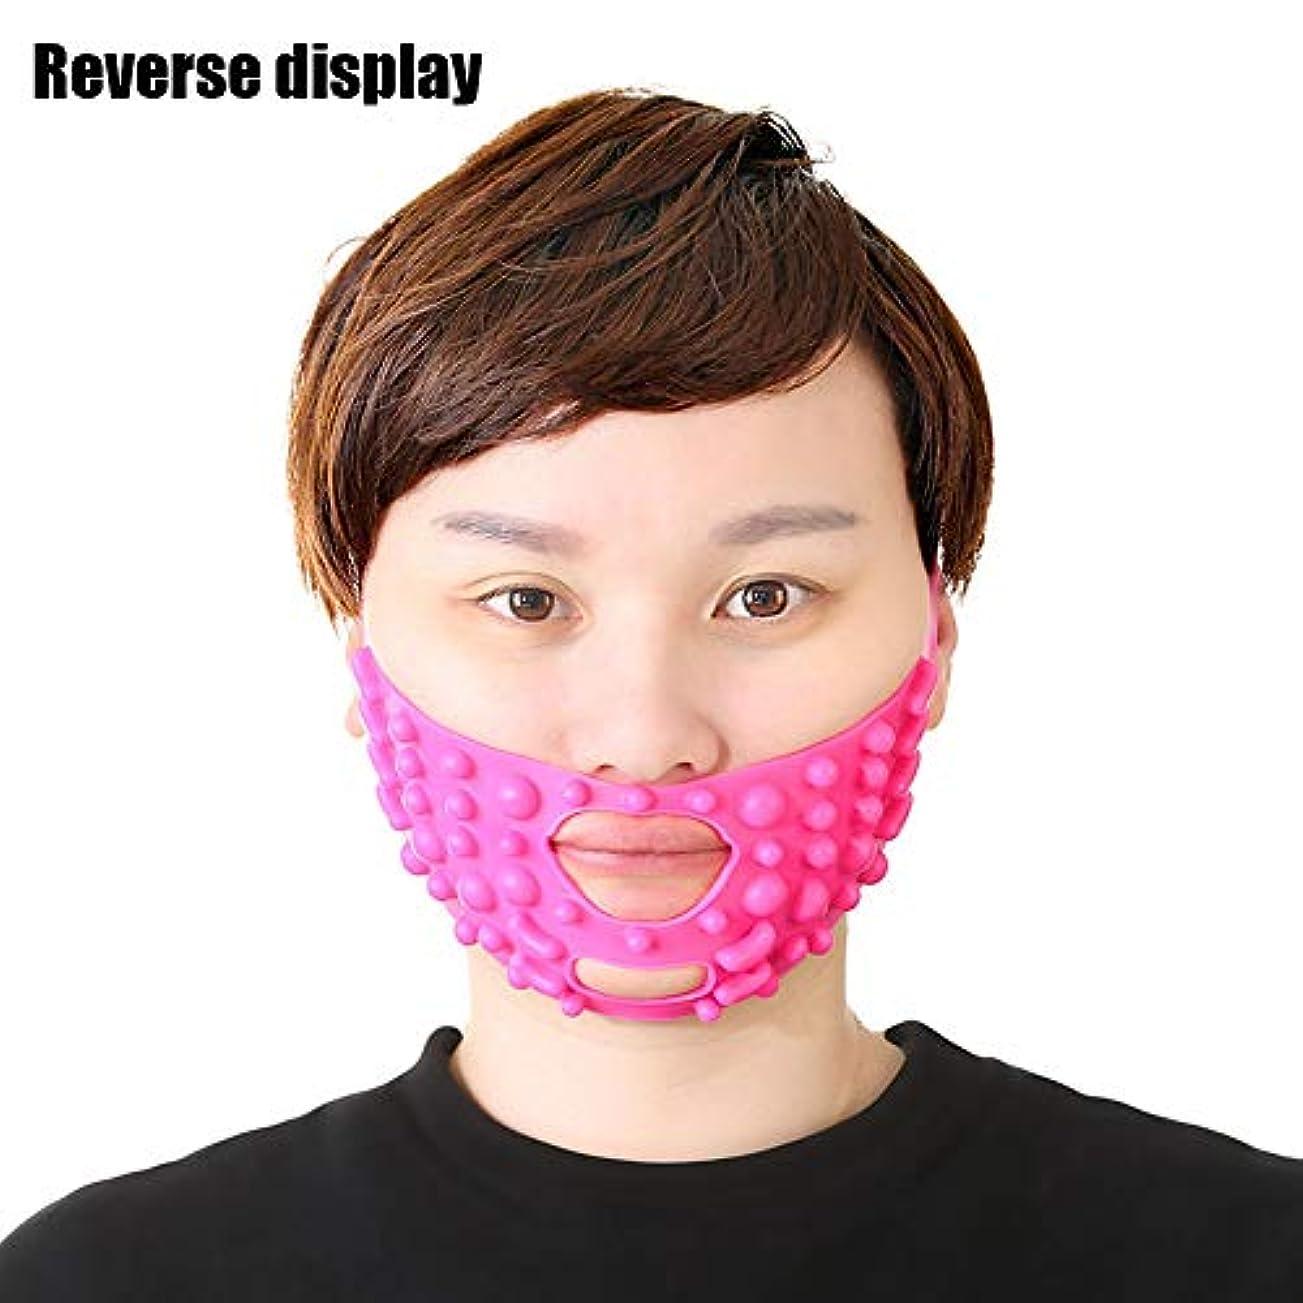 不規則性カストディアン現在フェイシャルマッサージ包帯、持ち上げ、引き締め、法則パターンを改善して小さなVフェイス/二重あごマスクを作成(ローズレッド)